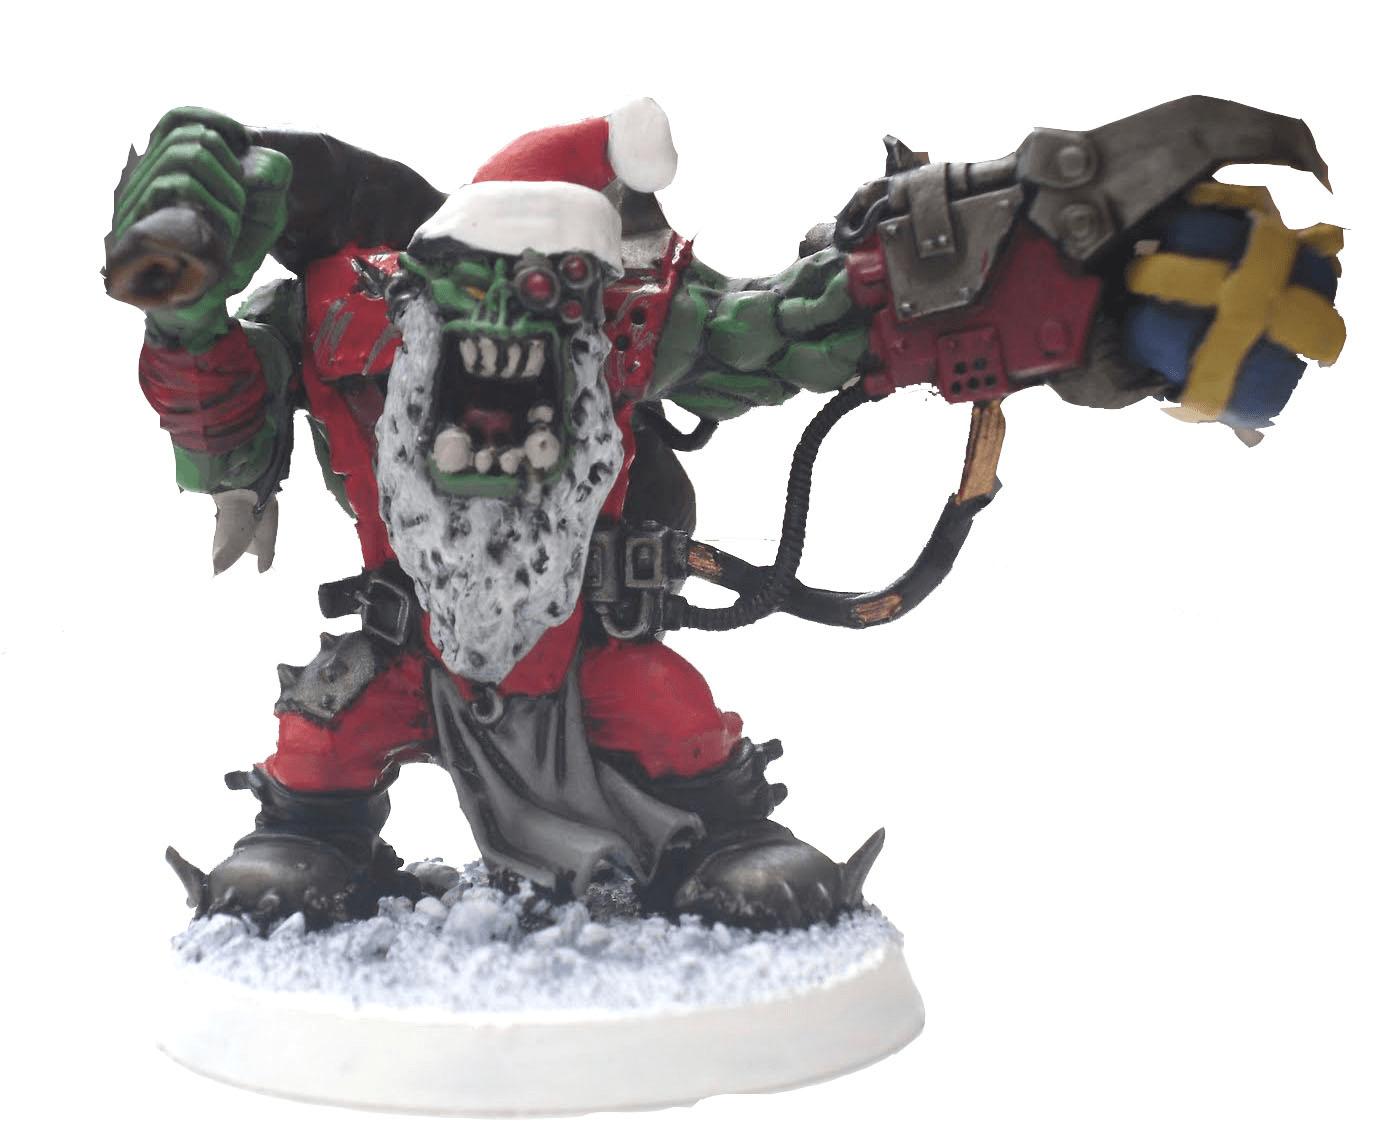 Merry Christmas Fleshlings 40kLore